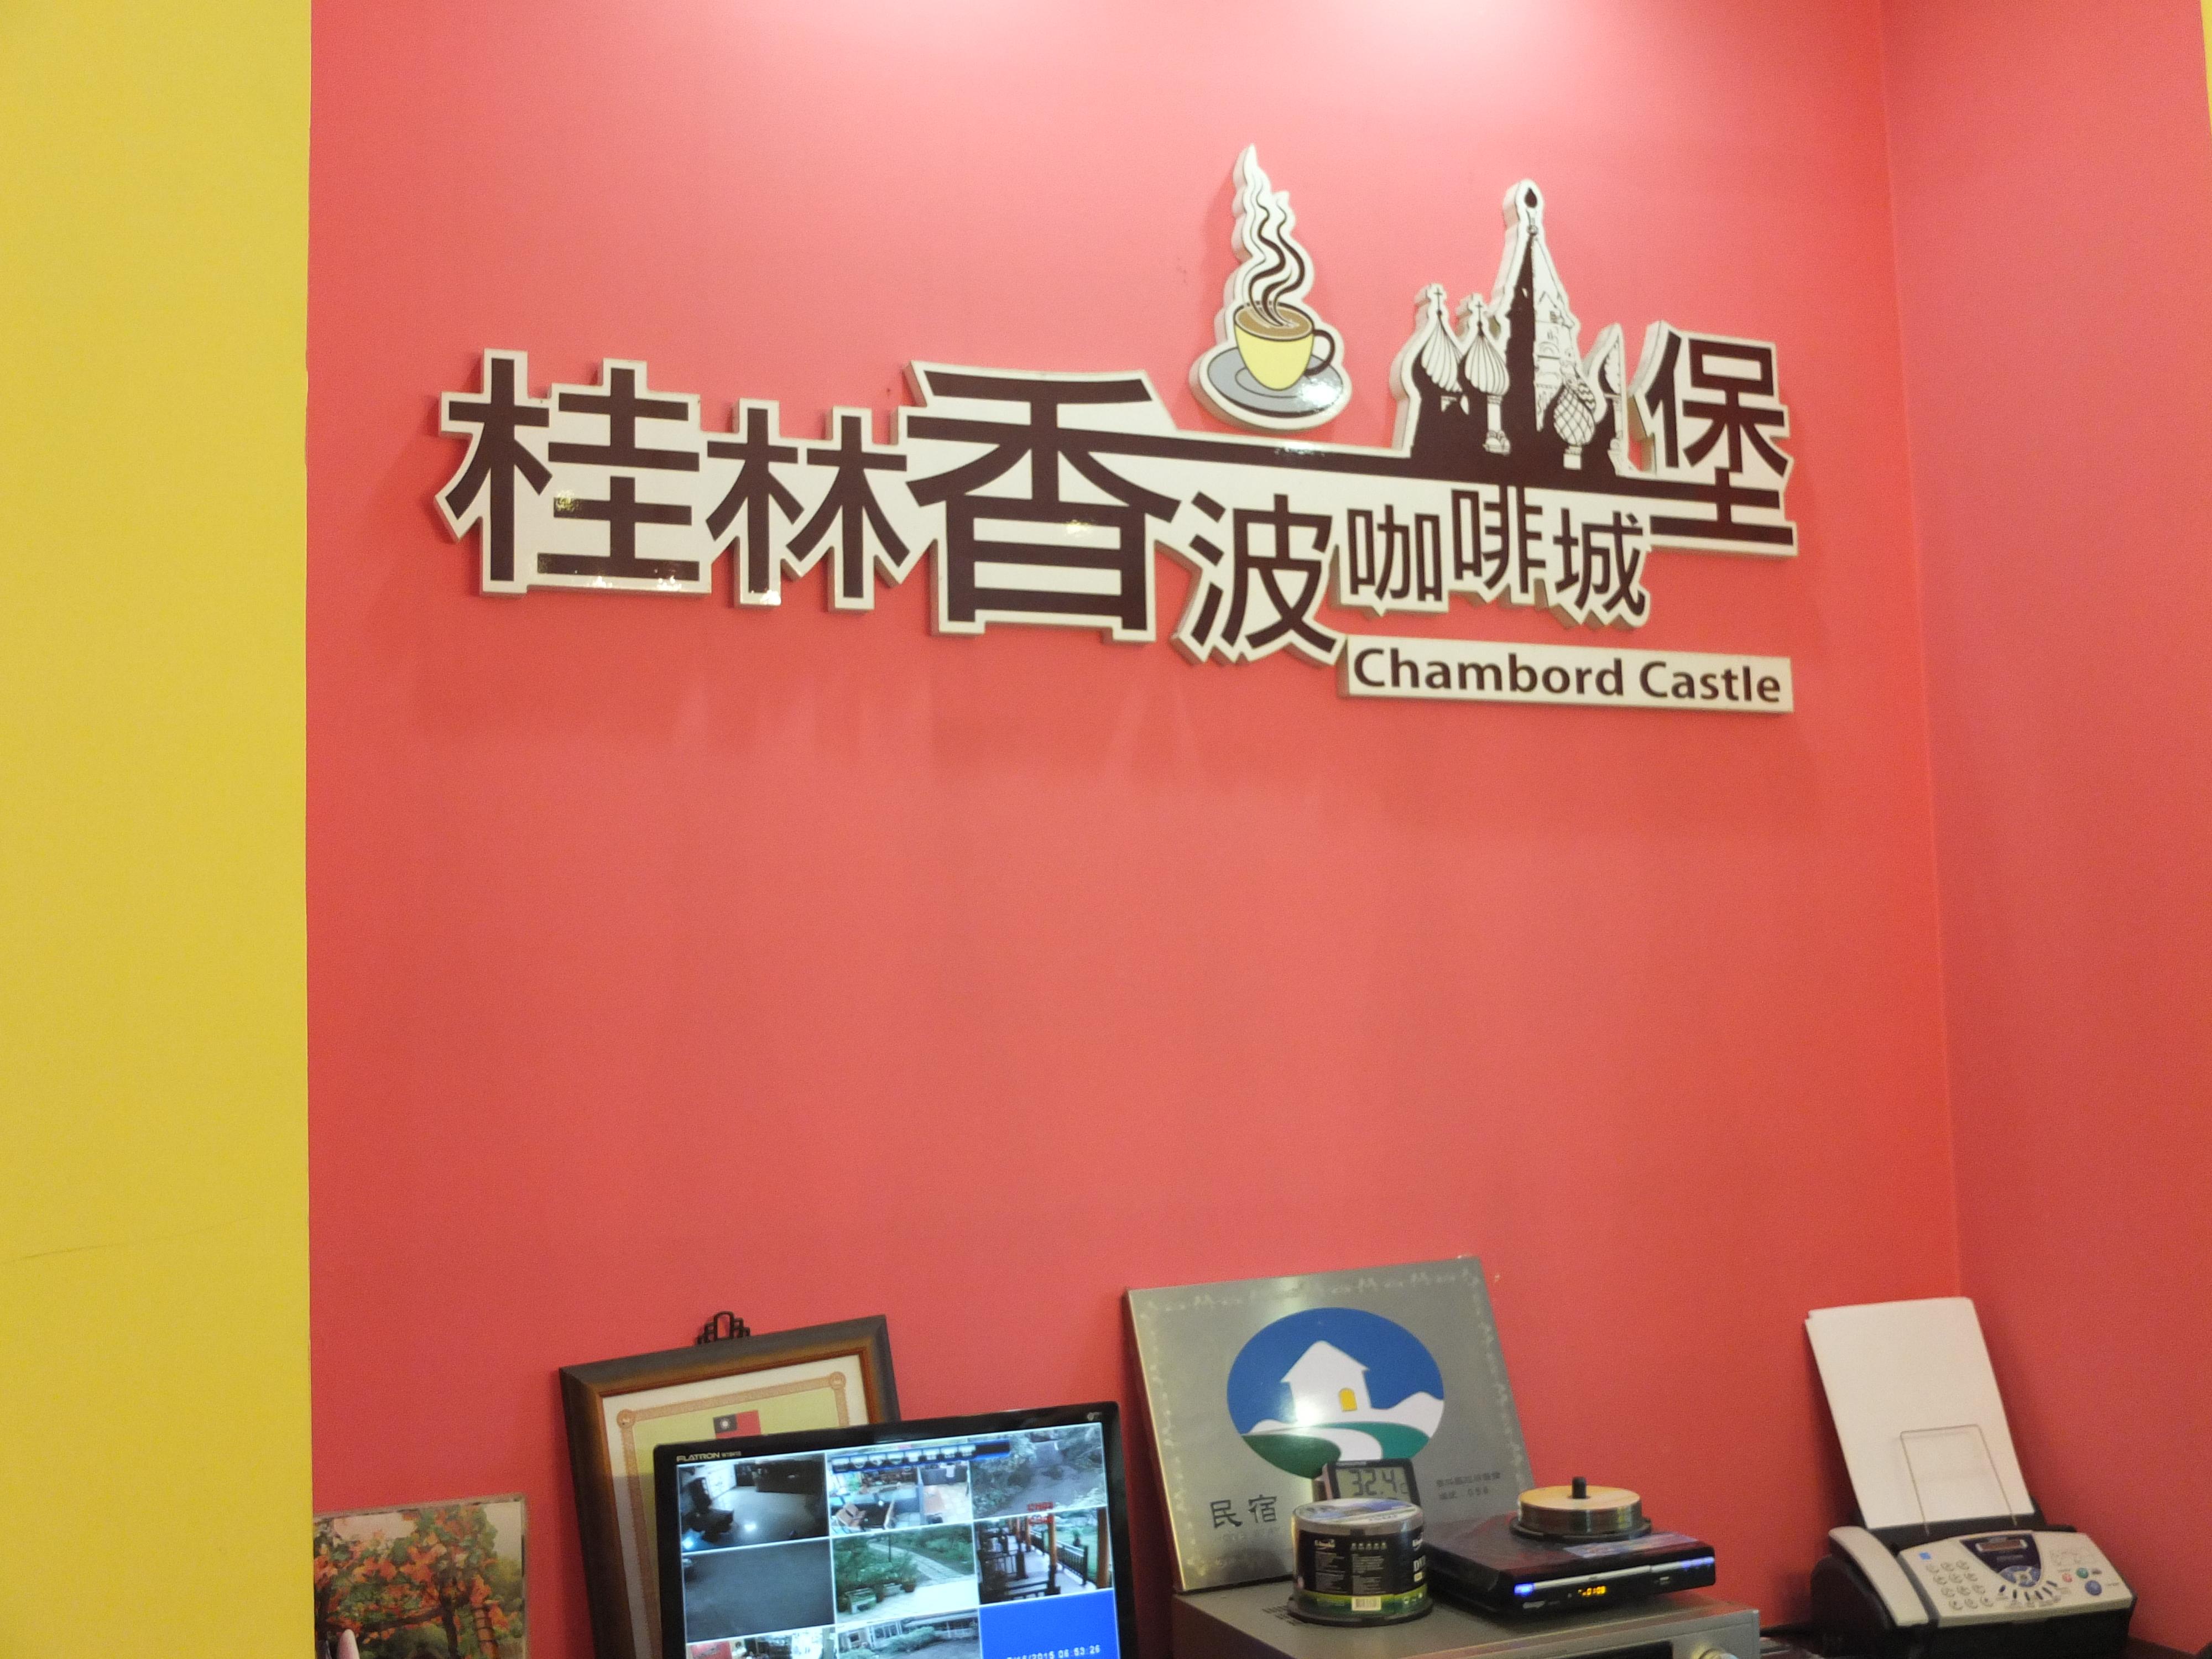 桂林香波咖啡城堡 (1)